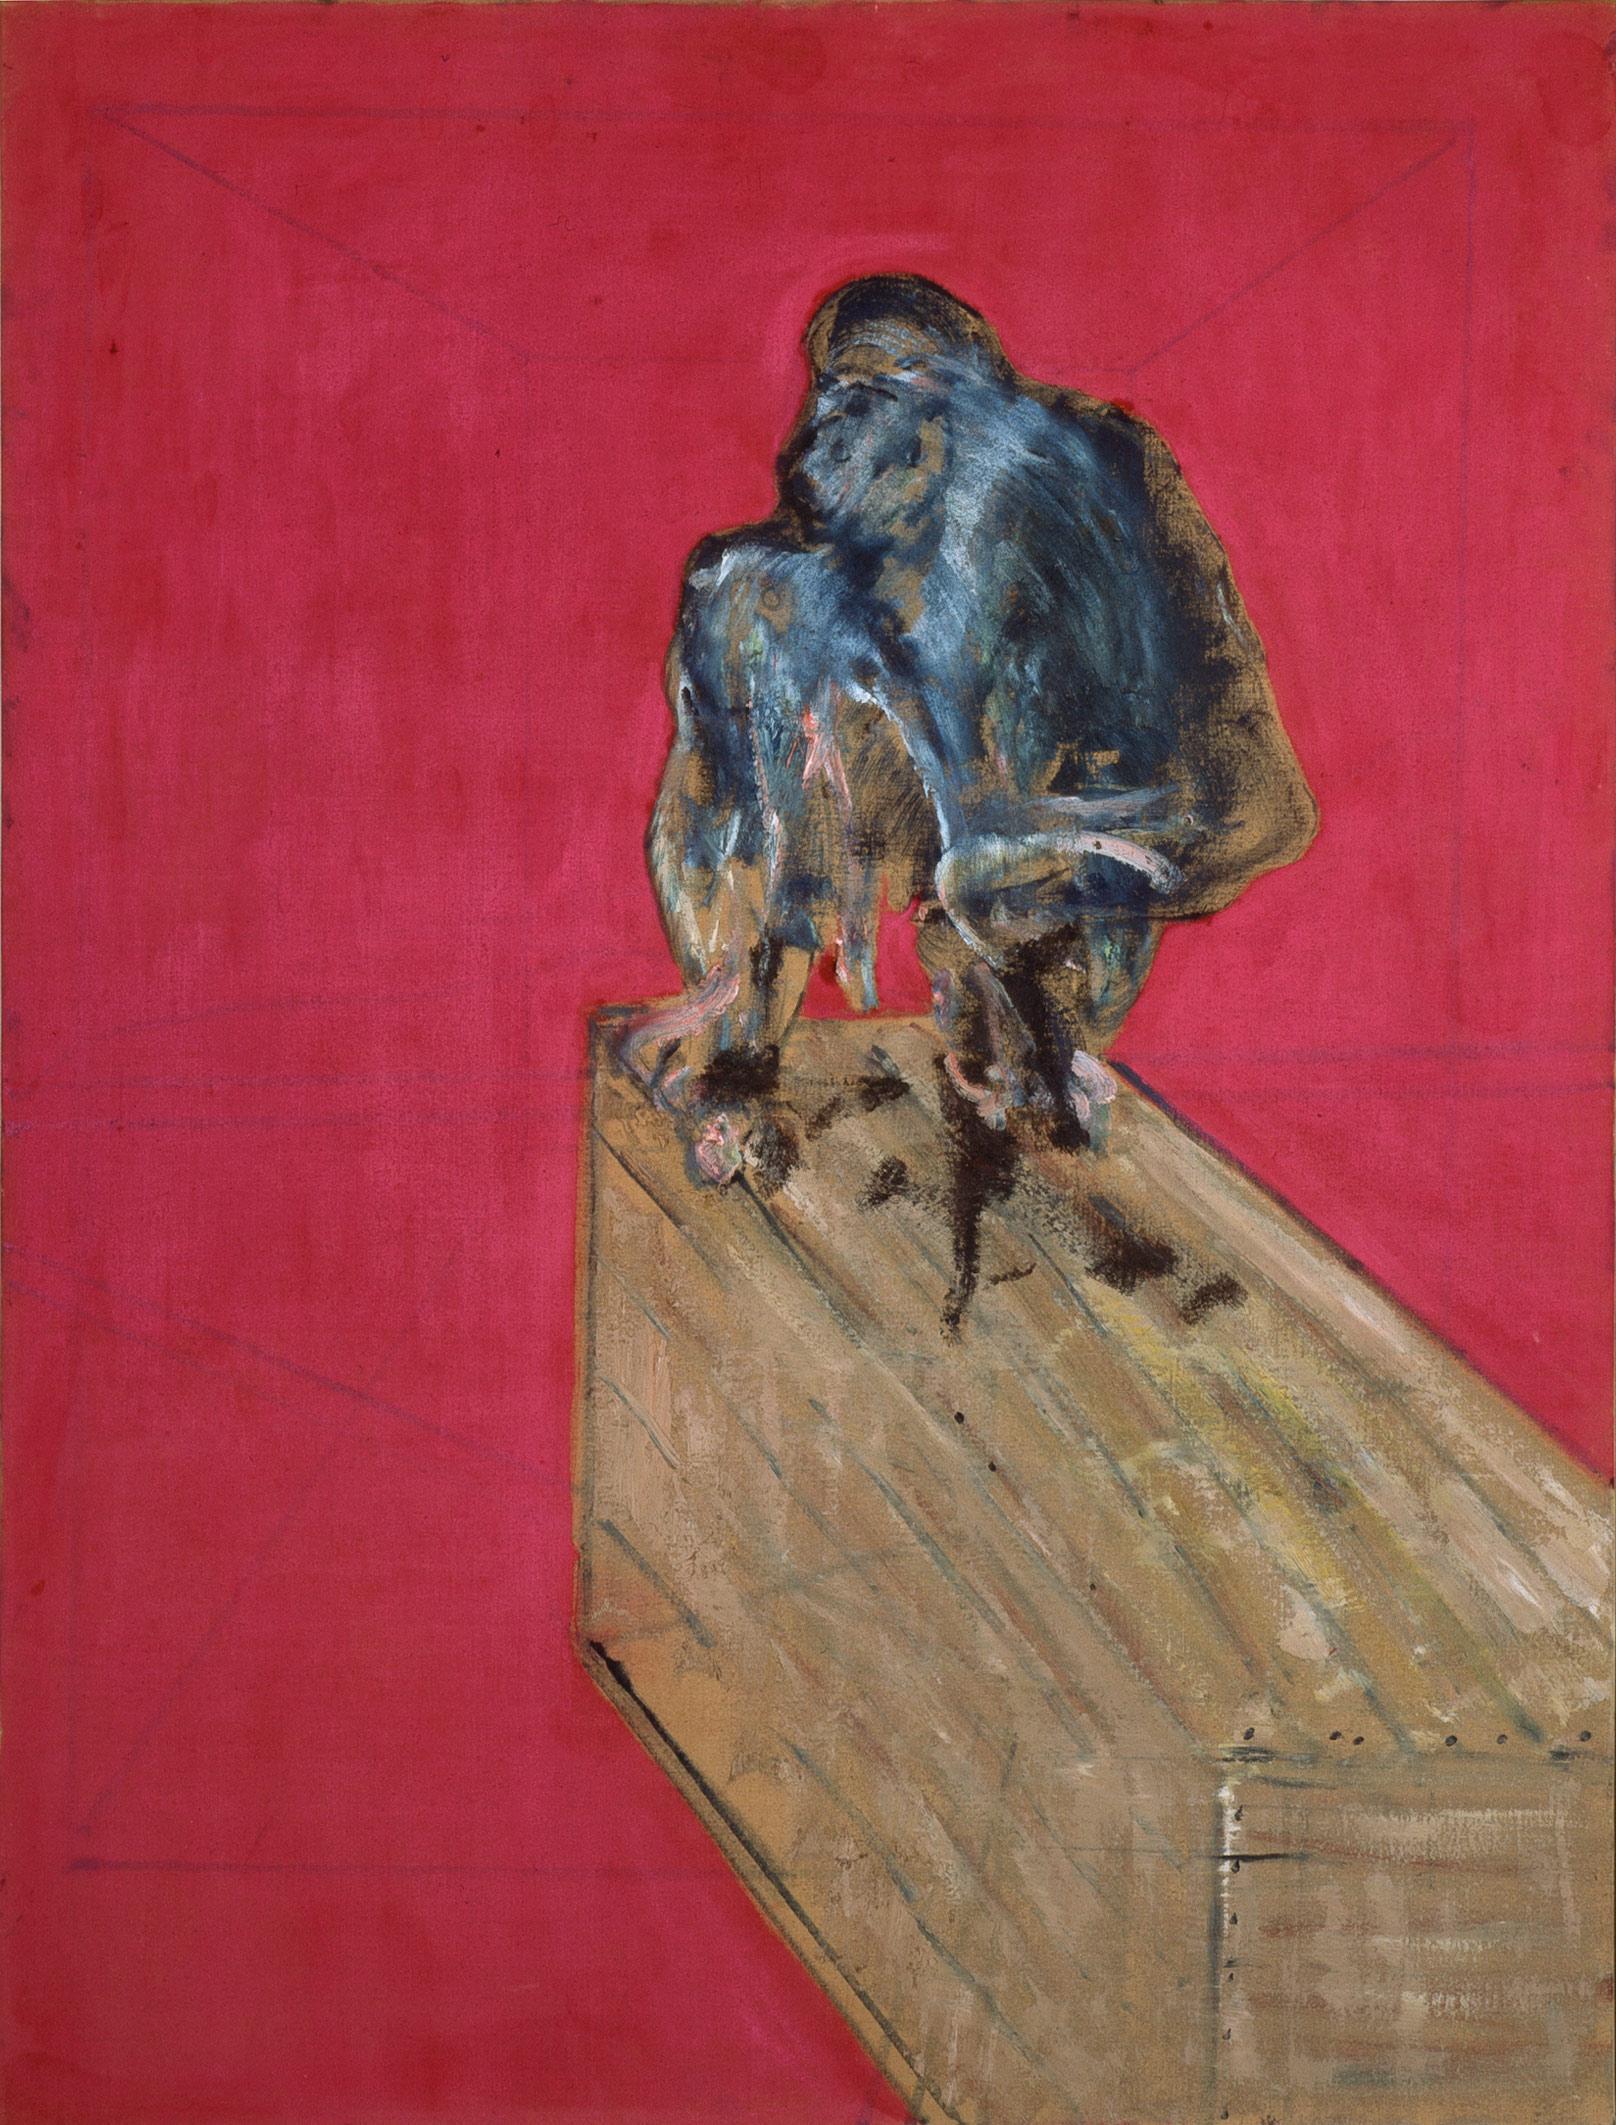 Francis Bacon, Studio per scimpanzé (marzo 1957; olio e pastello su tela, 152,4 x 117 cm; Venezia, Collezione Peggy Guggenheim) © The Estate of Francis Bacon. All rights reserved, by SIAE 2019